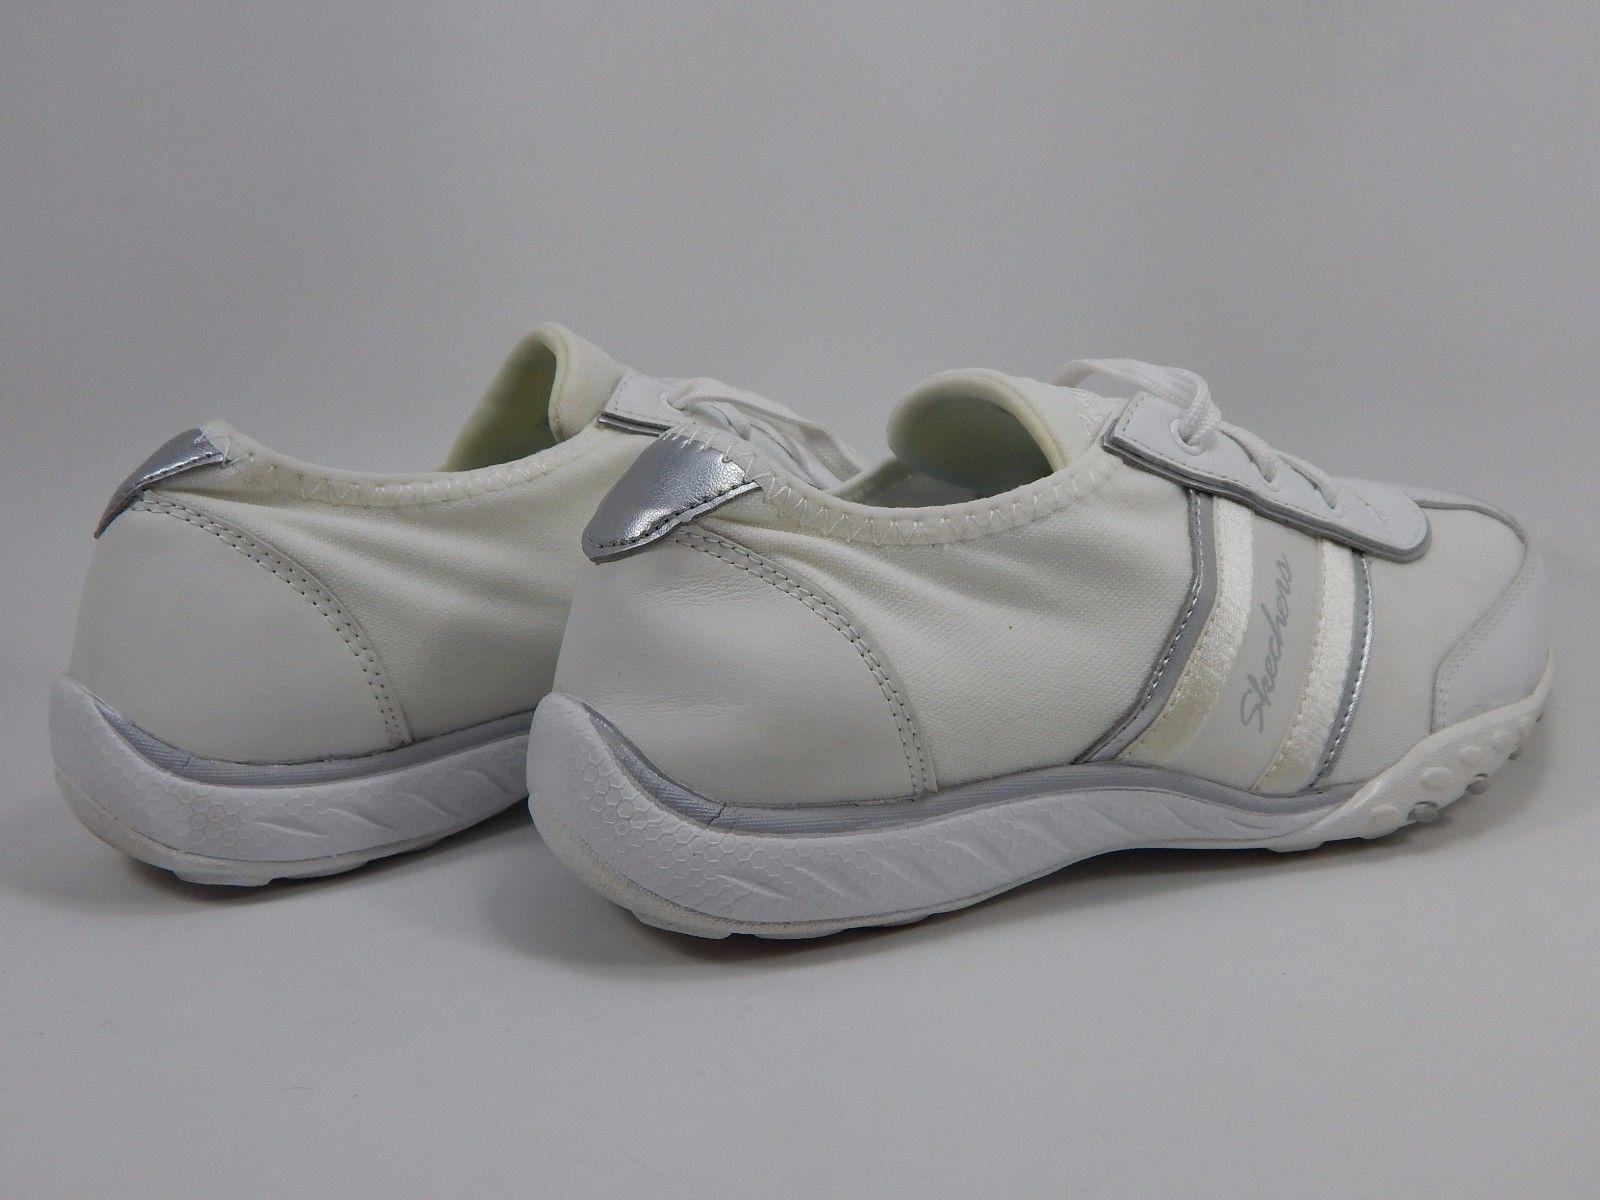 Skechers Relaxed Fit Breath Easy Cool It Women's Walk Shoes Sz US 7 M (B) EU 37